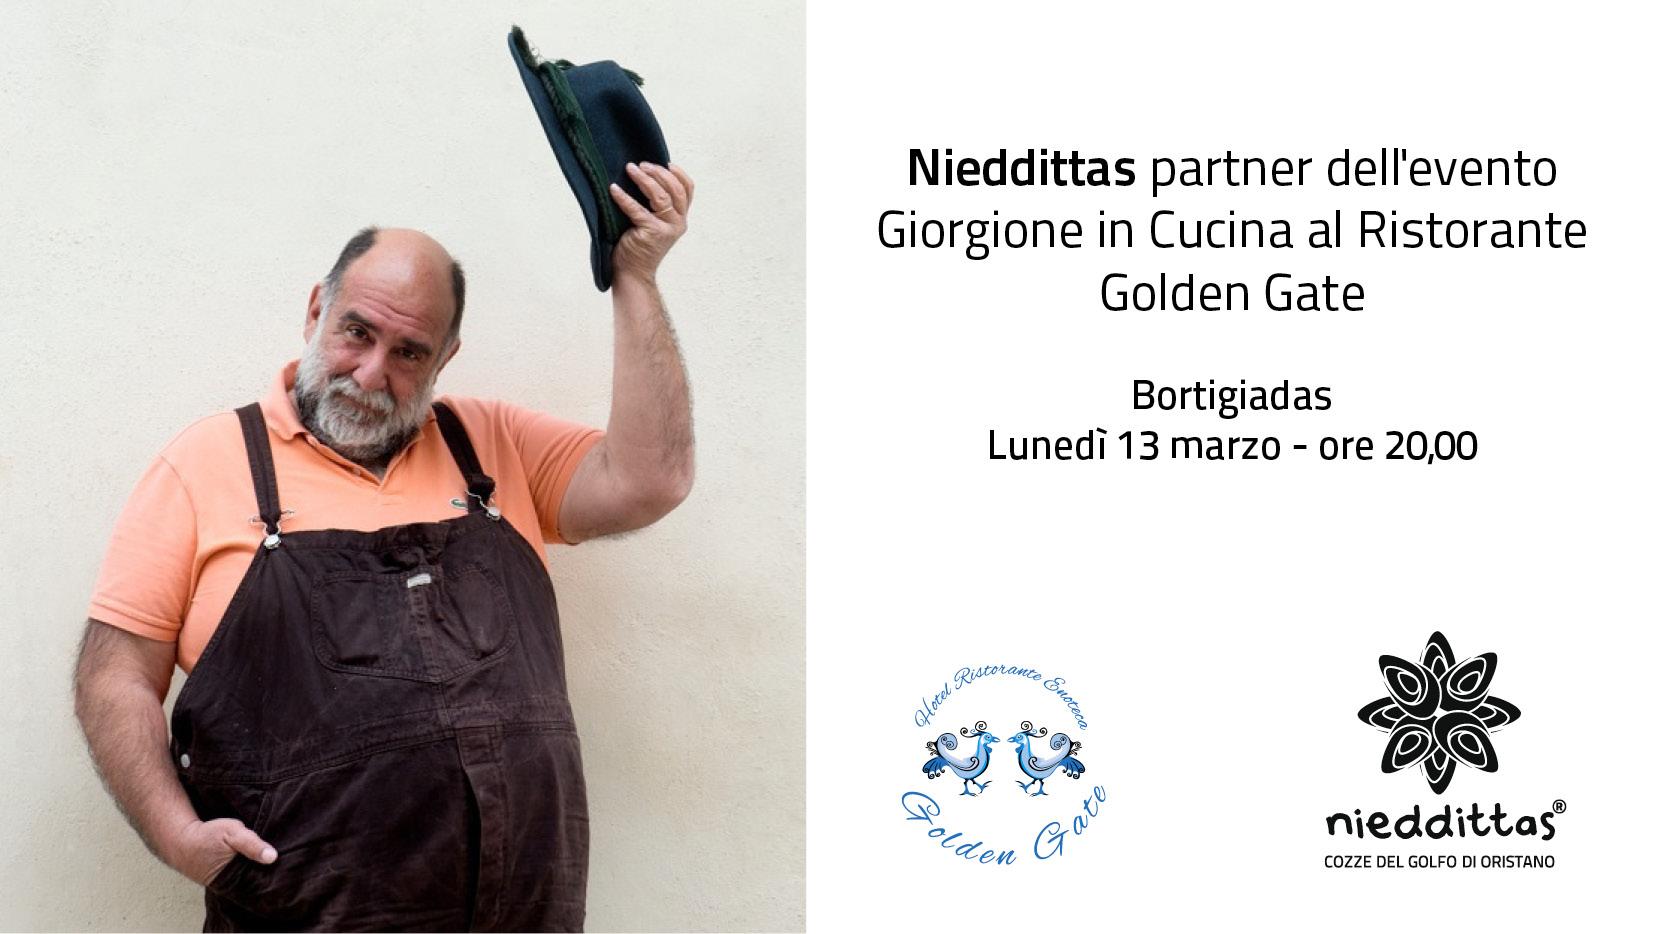 Nieddittas con Ristorante Golden Gate e chef Giorgione